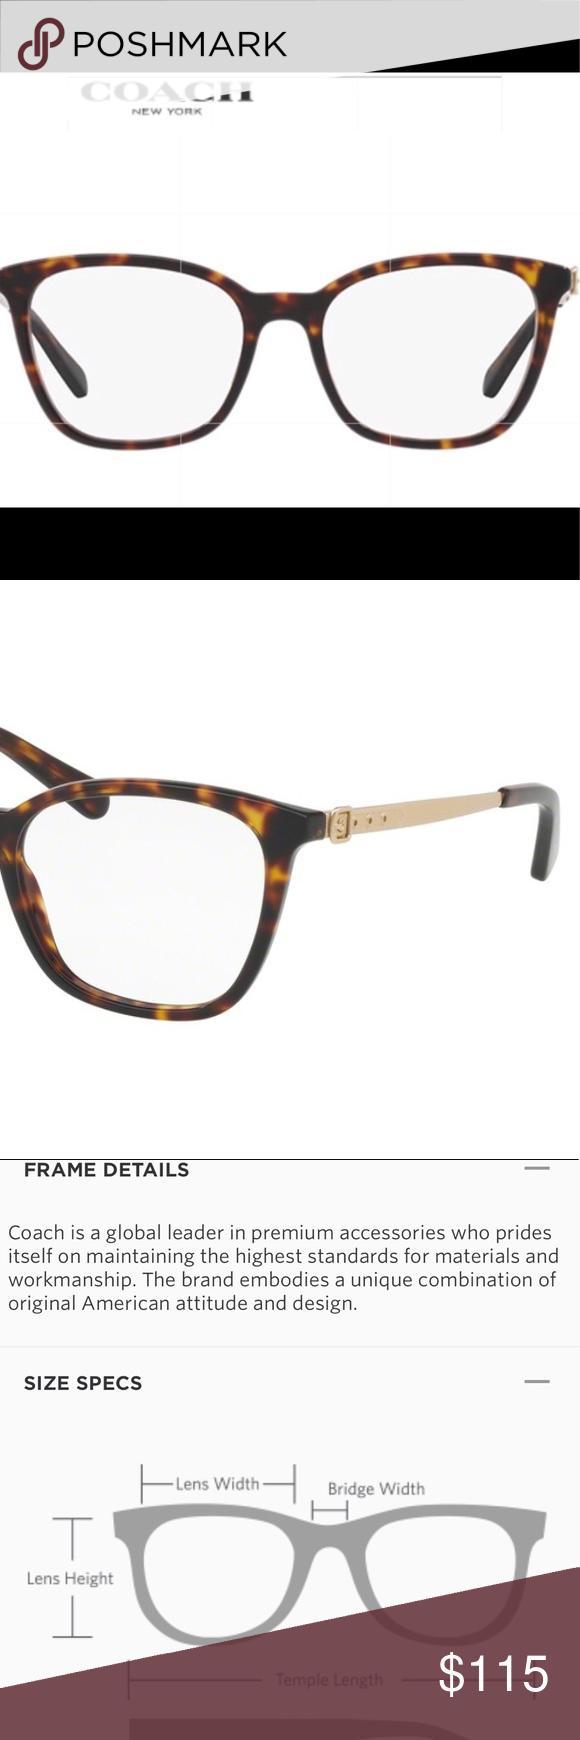 24857b27ee15d 🎀🆕 Coach Eyeglass Frames HC6113🎀 Brand New